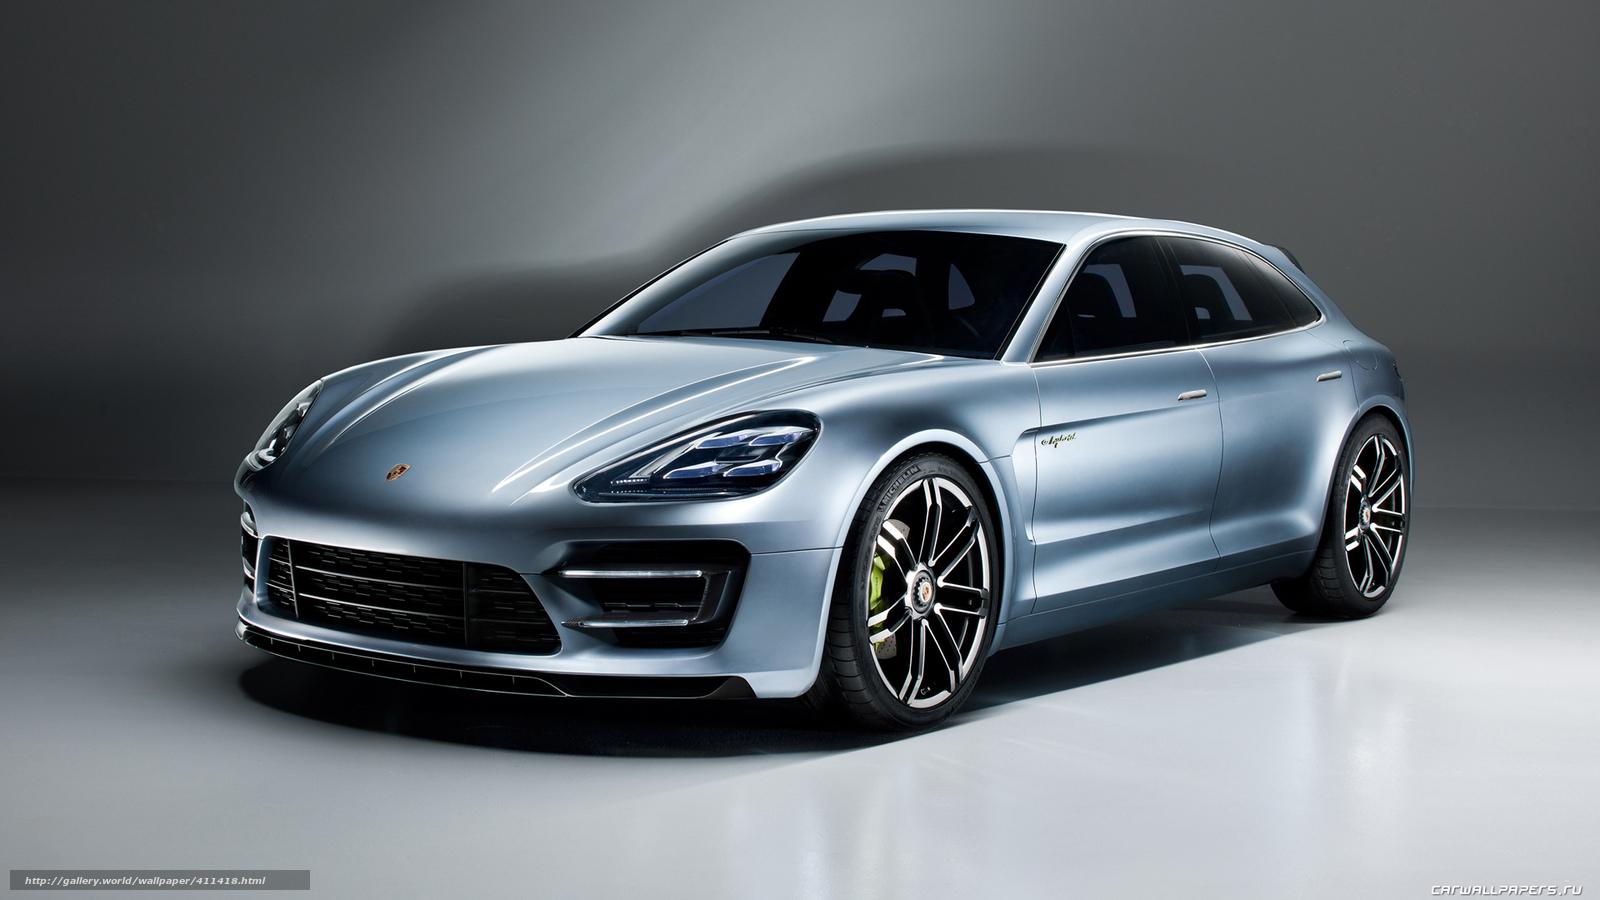 Tlcharger Fond D Ecran Porsche Panamera Concept Fonds D